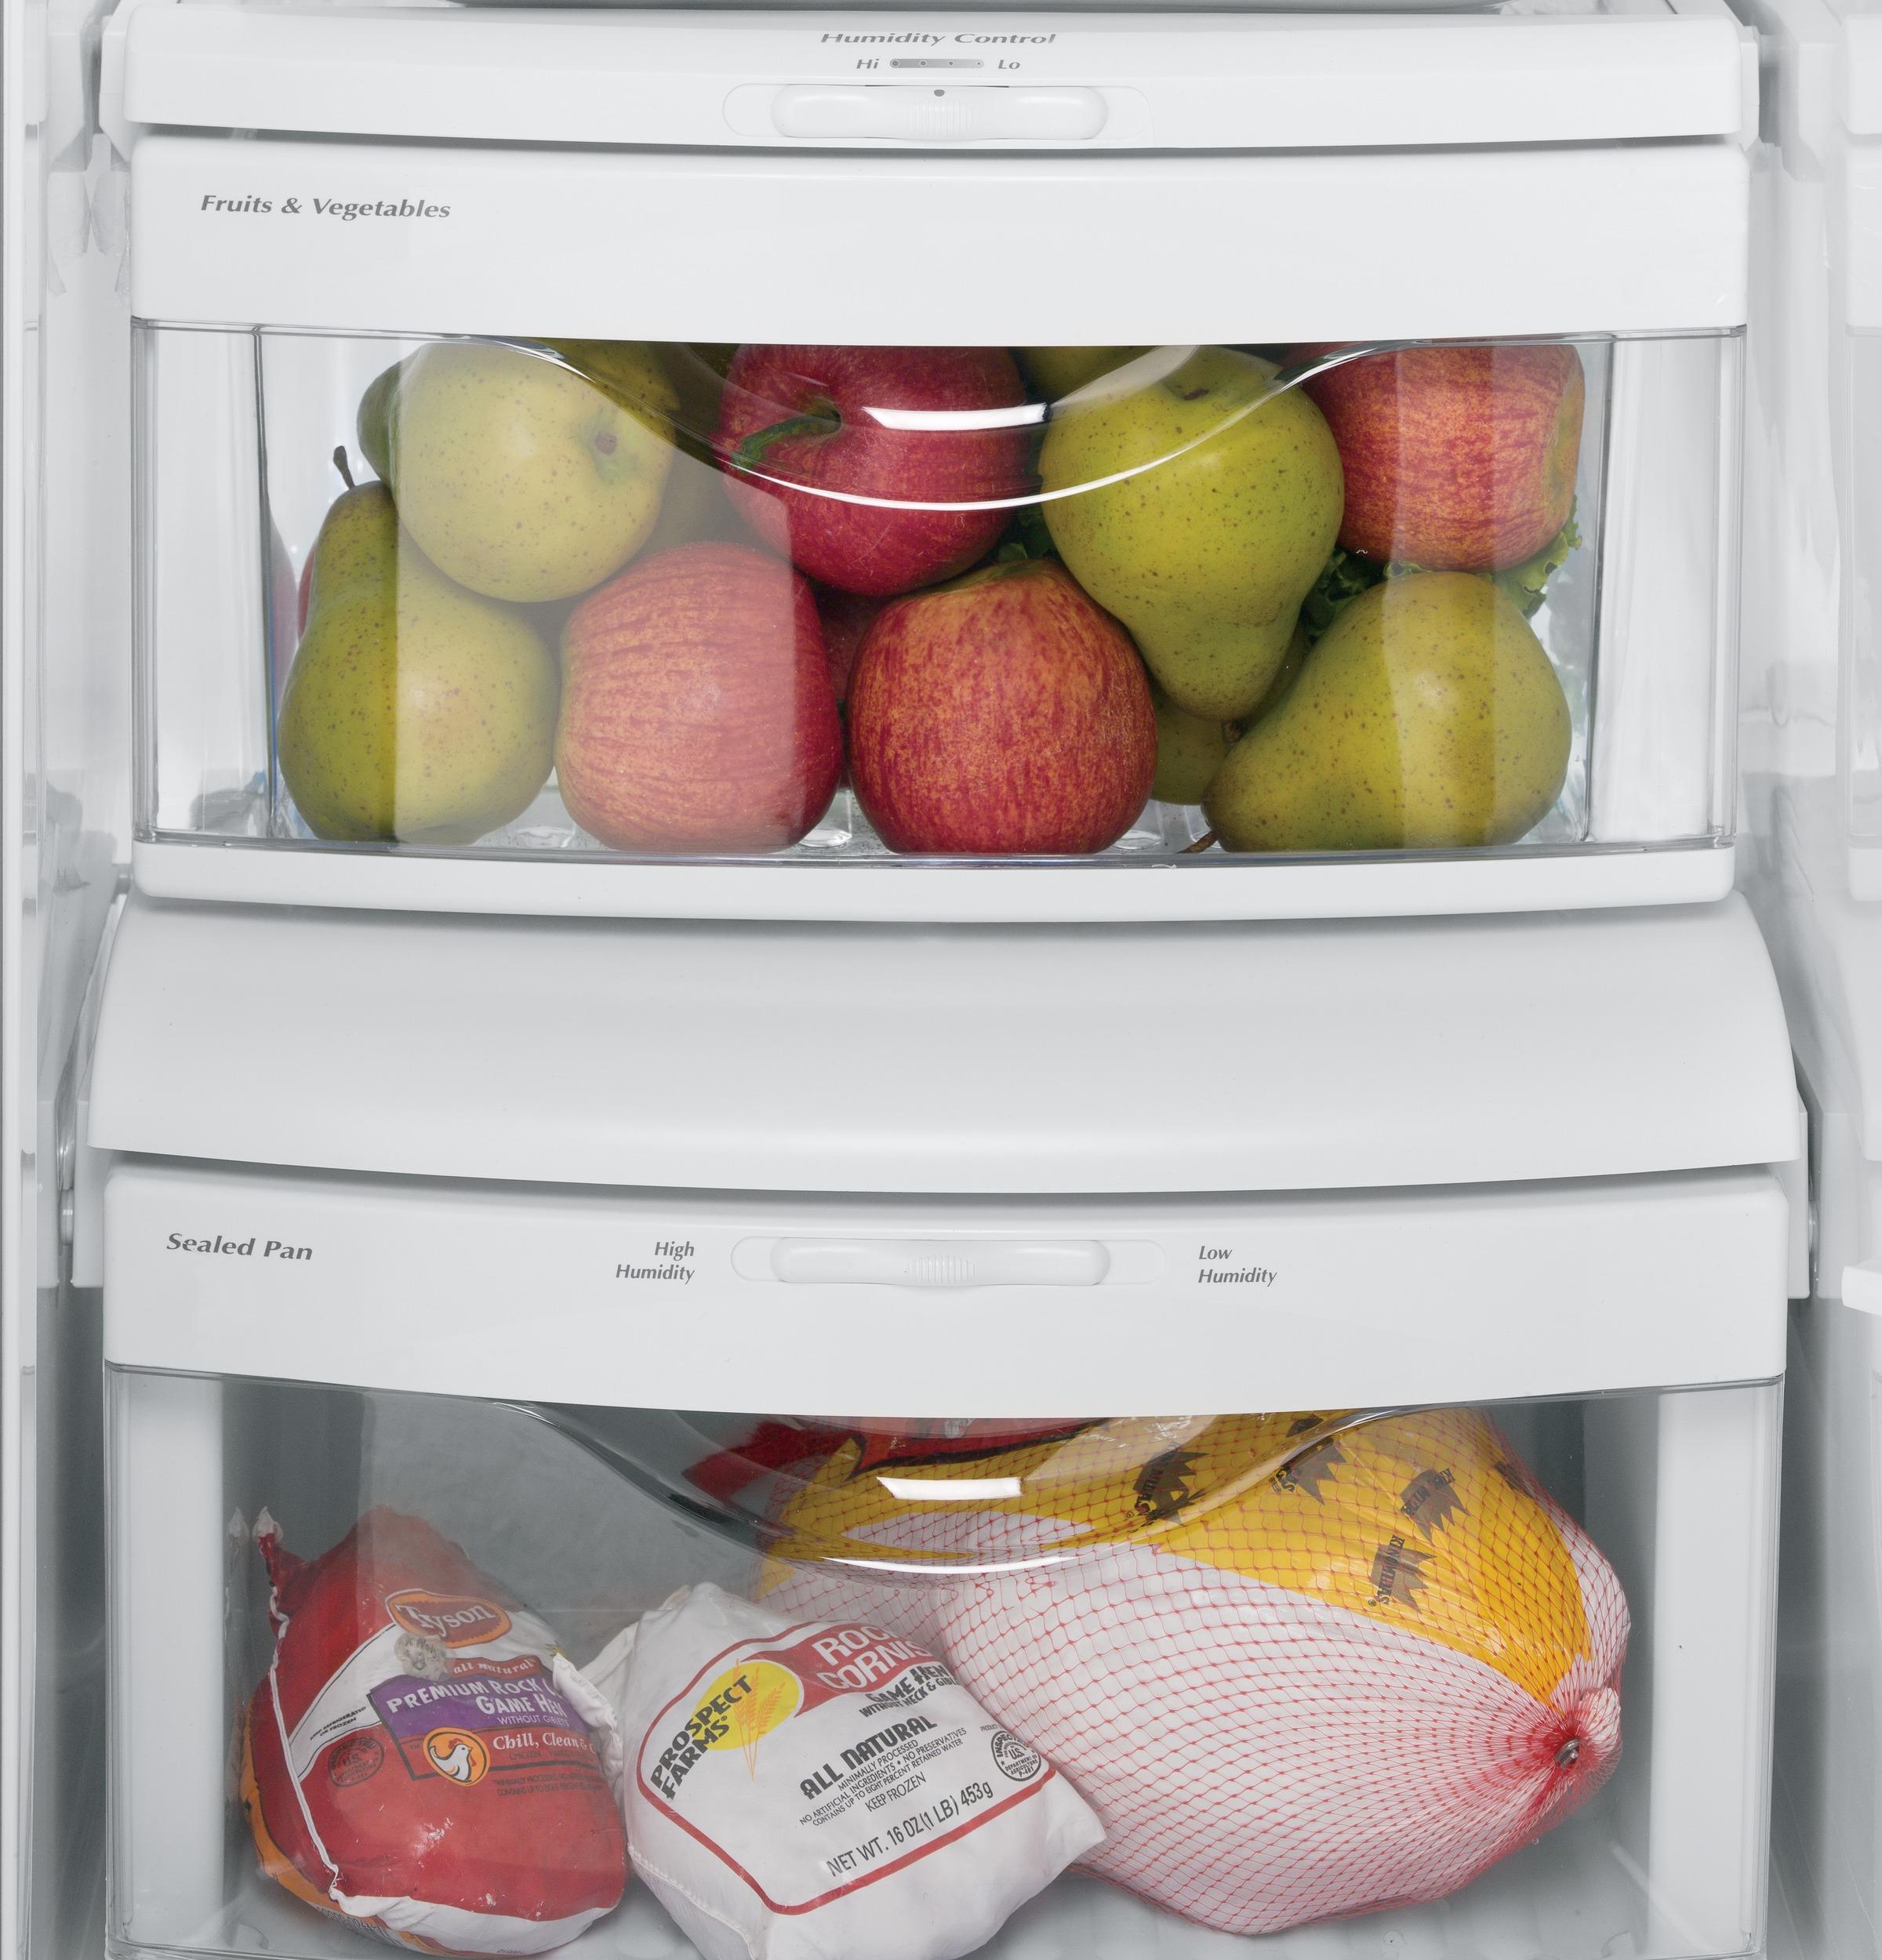 Model: GSE23GGKBB | GE GE® ENERGY STAR® 23.2 Cu. Ft. Side-By-Side Refrigerator